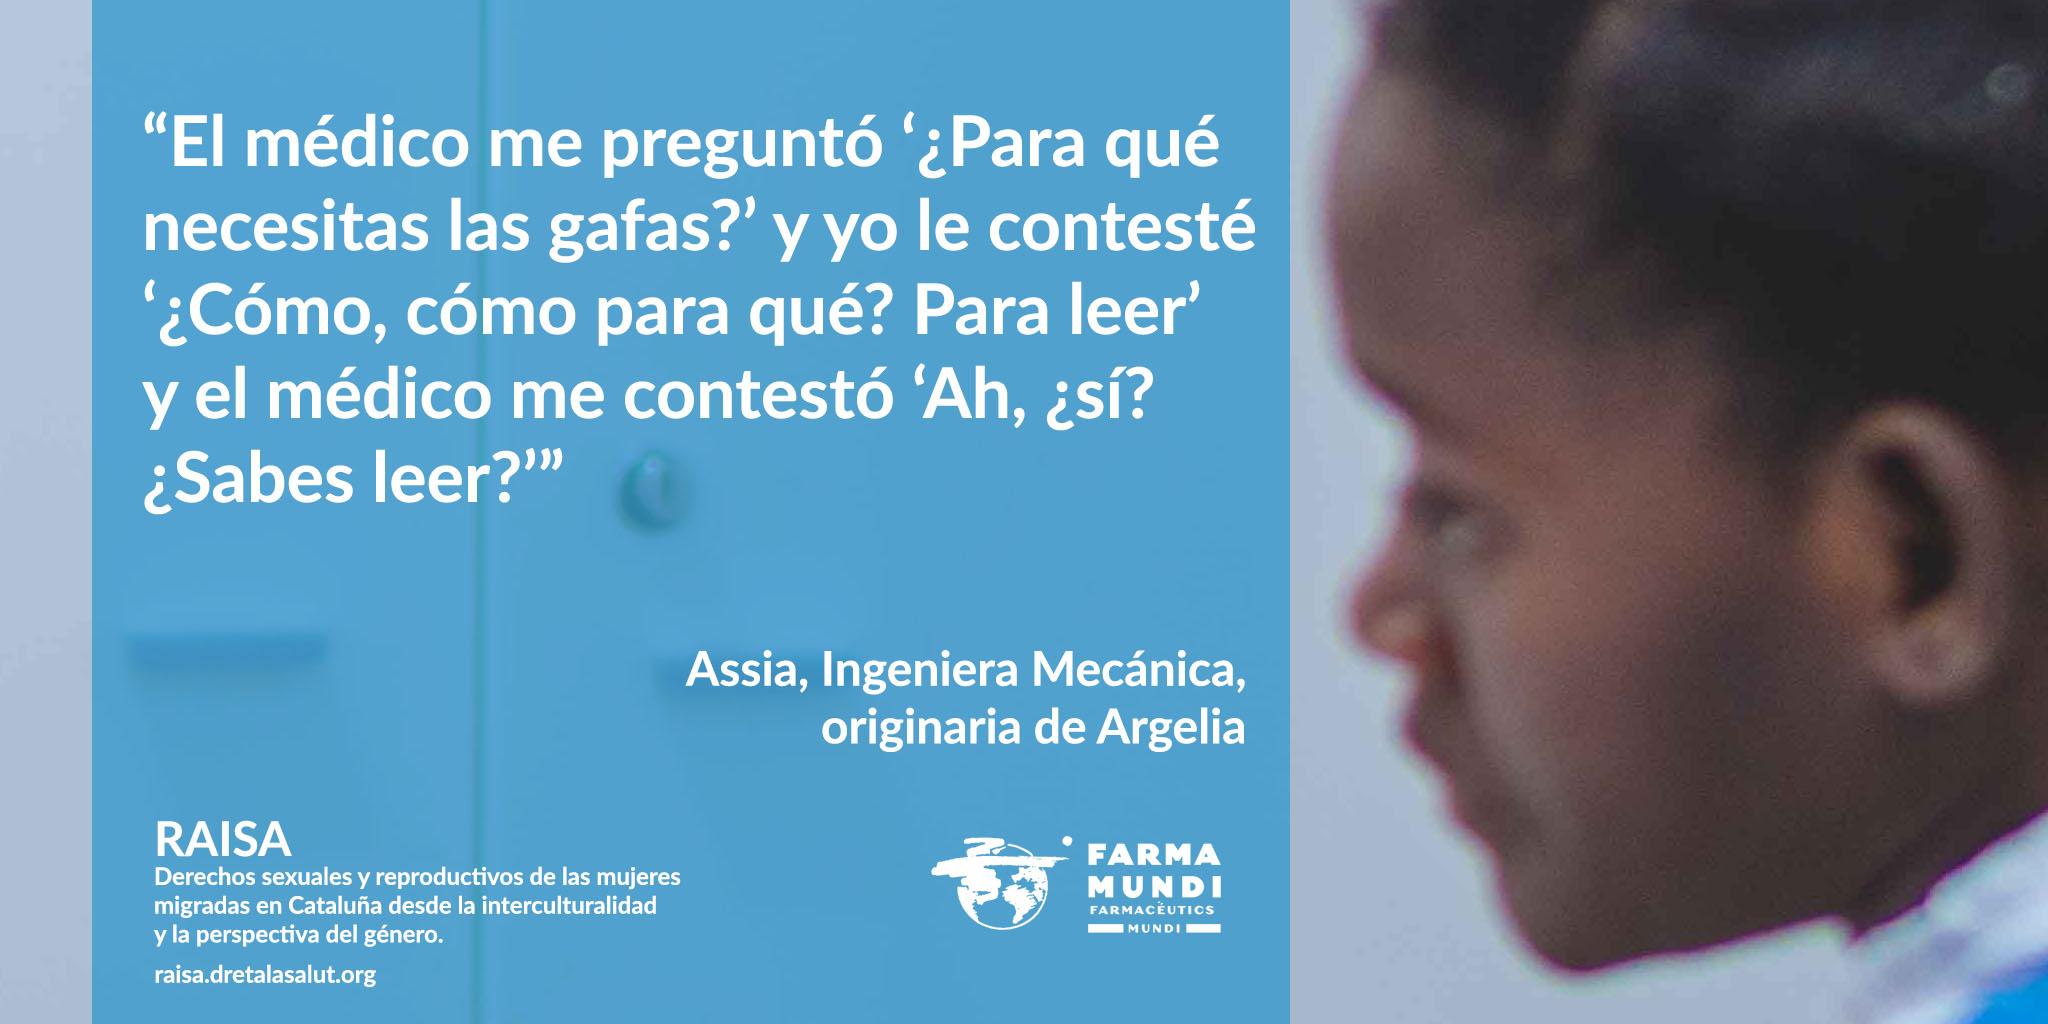 Farmamundi lanza Raisa, una campaña para sensibilizar sobre los derechos reproductivos de las mujeres migradas